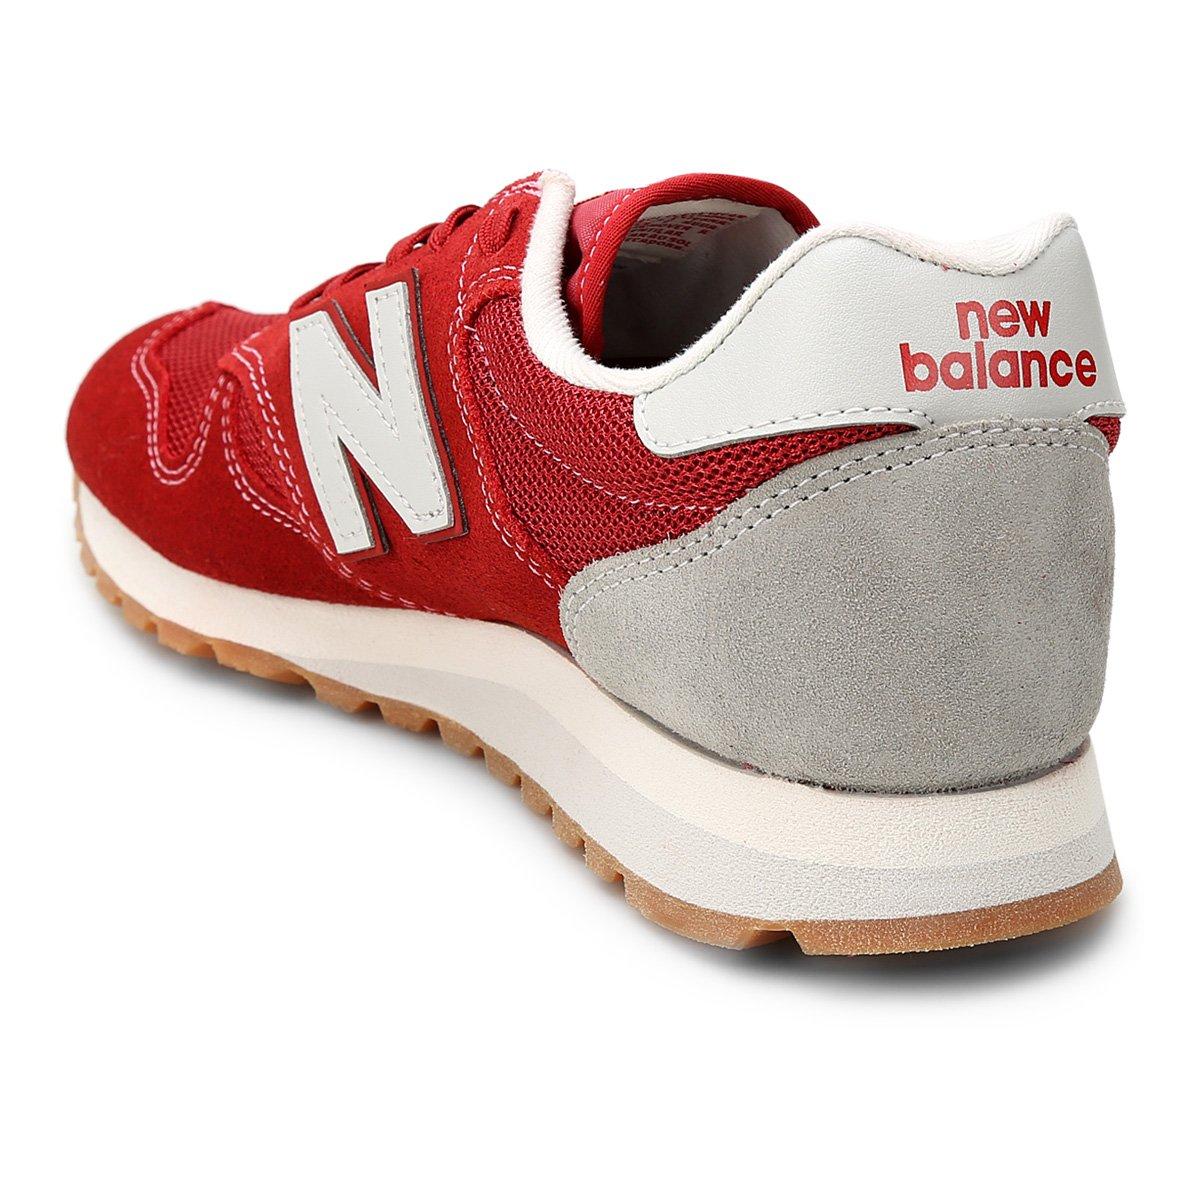 Tênis U e Balance New Branco Couro 520 Vermelho Masculino ggzafBxqw